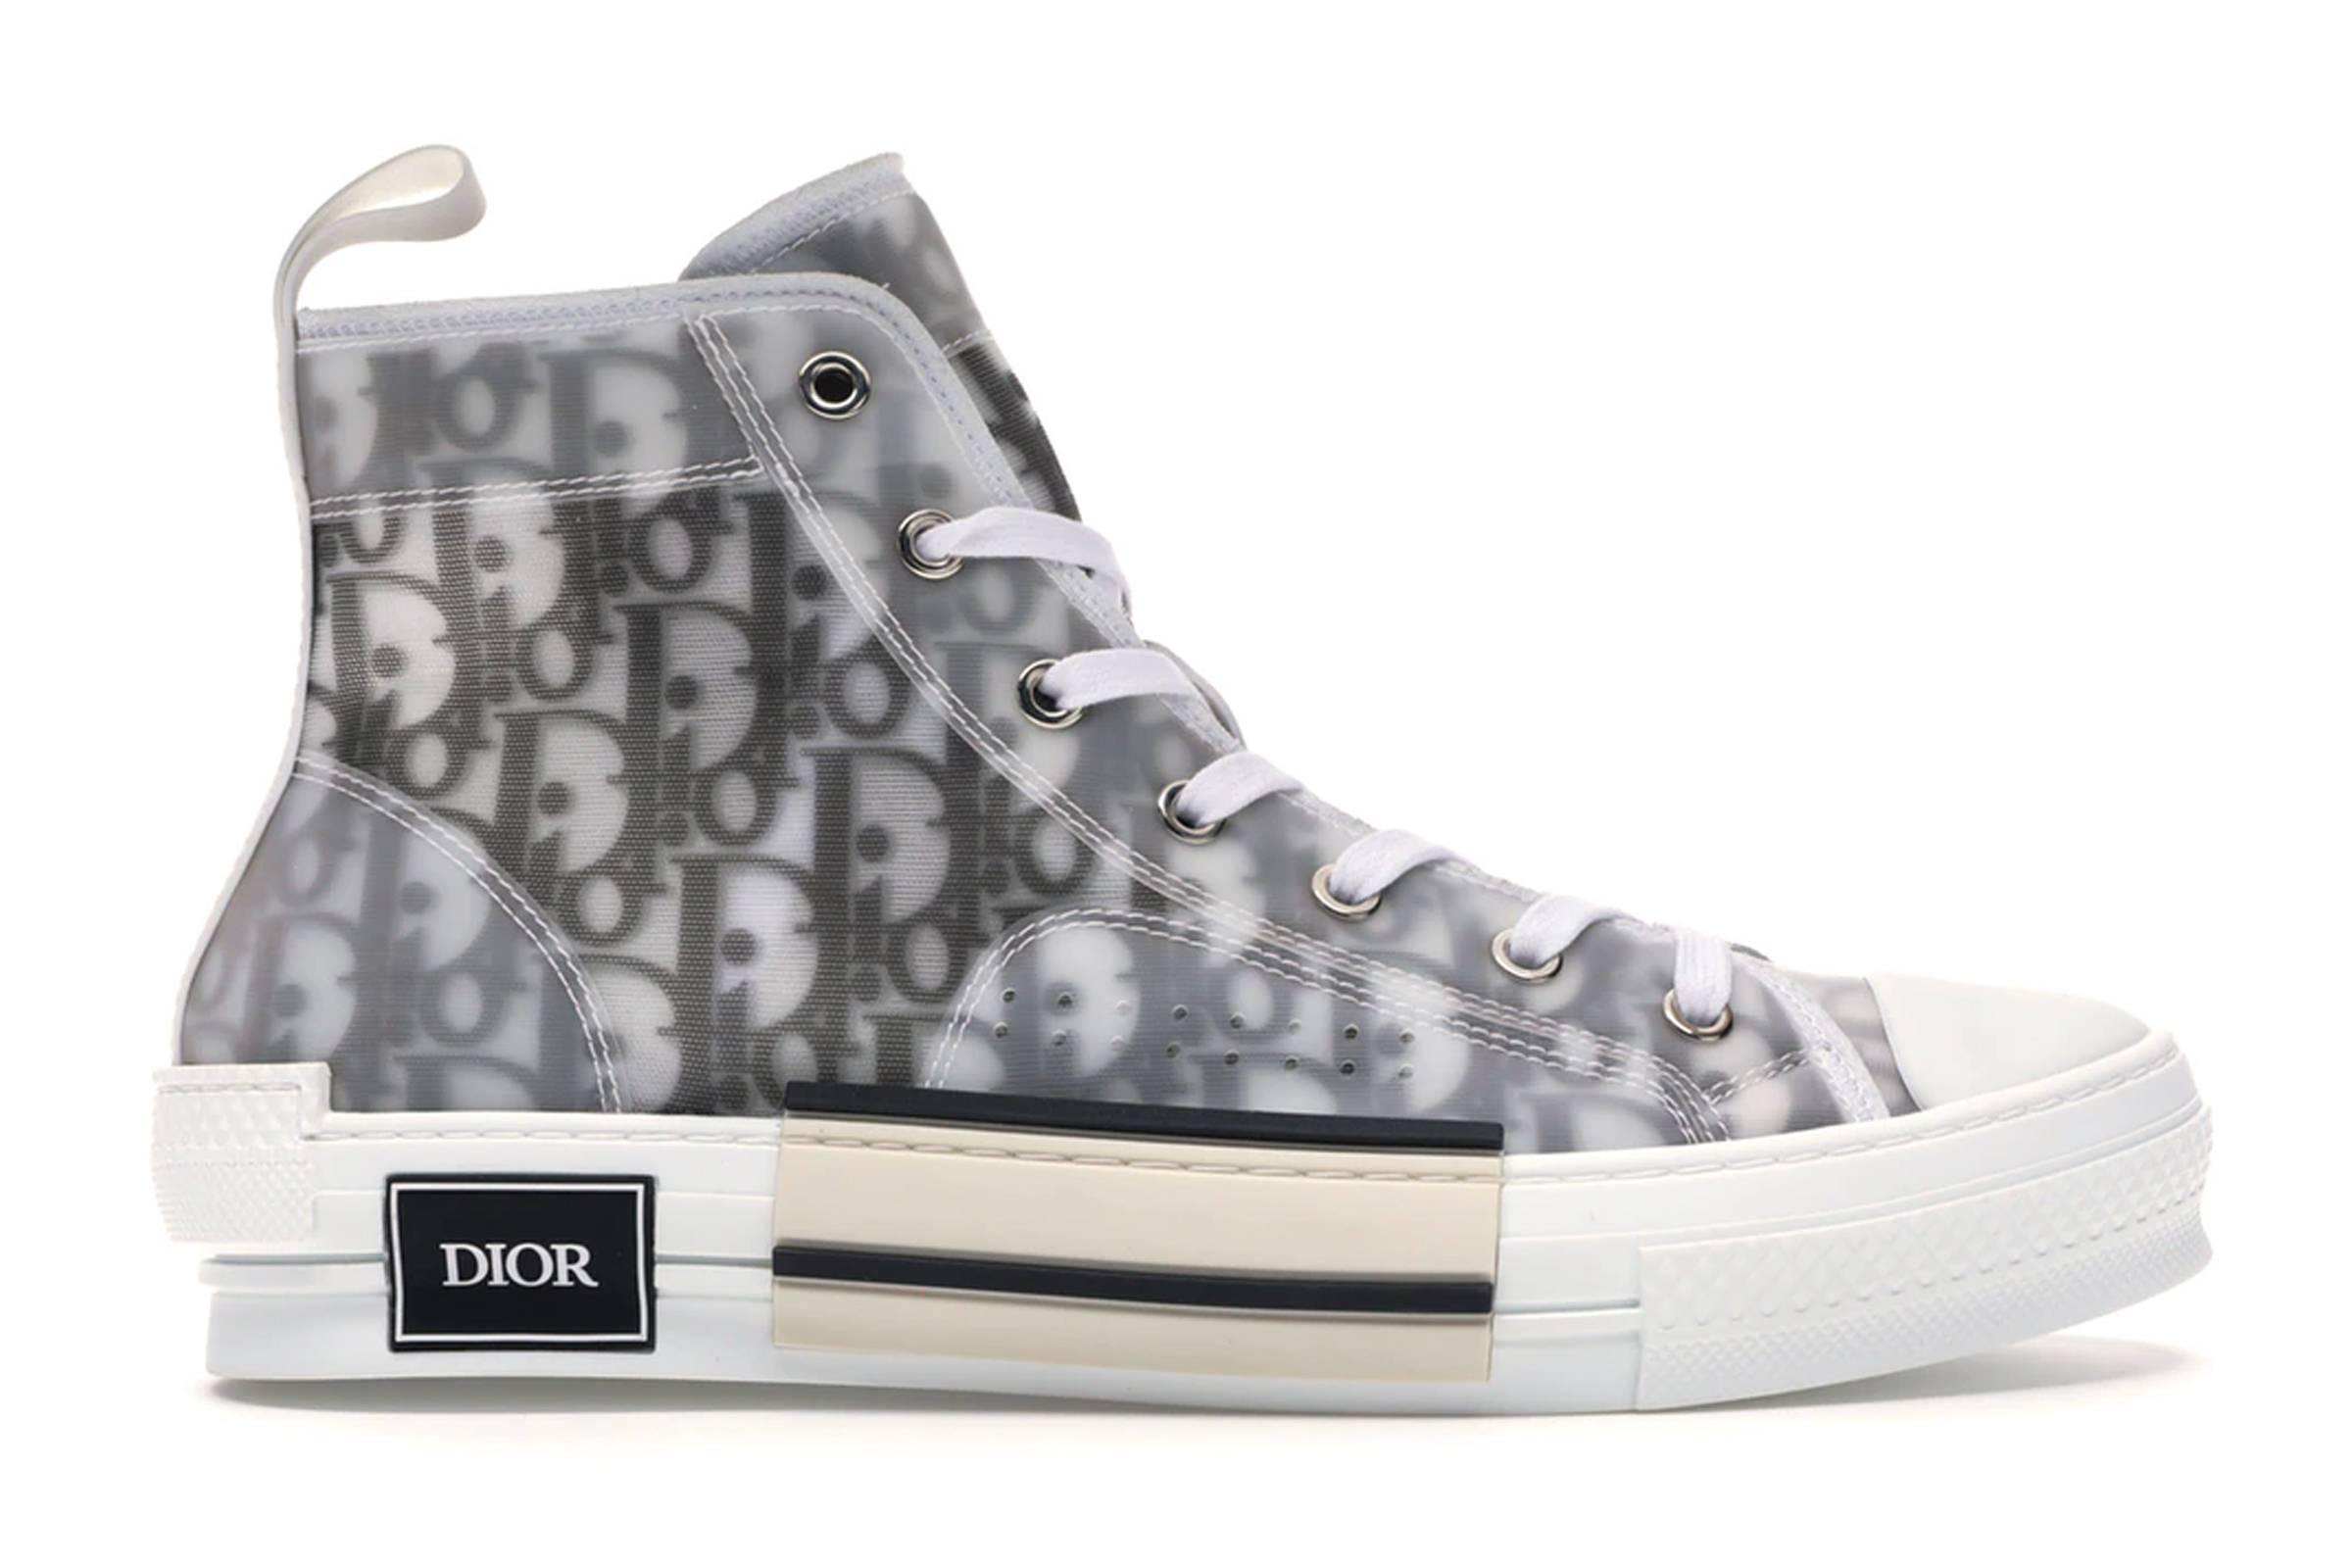 Dior B23 High Top Oblique Sneaker